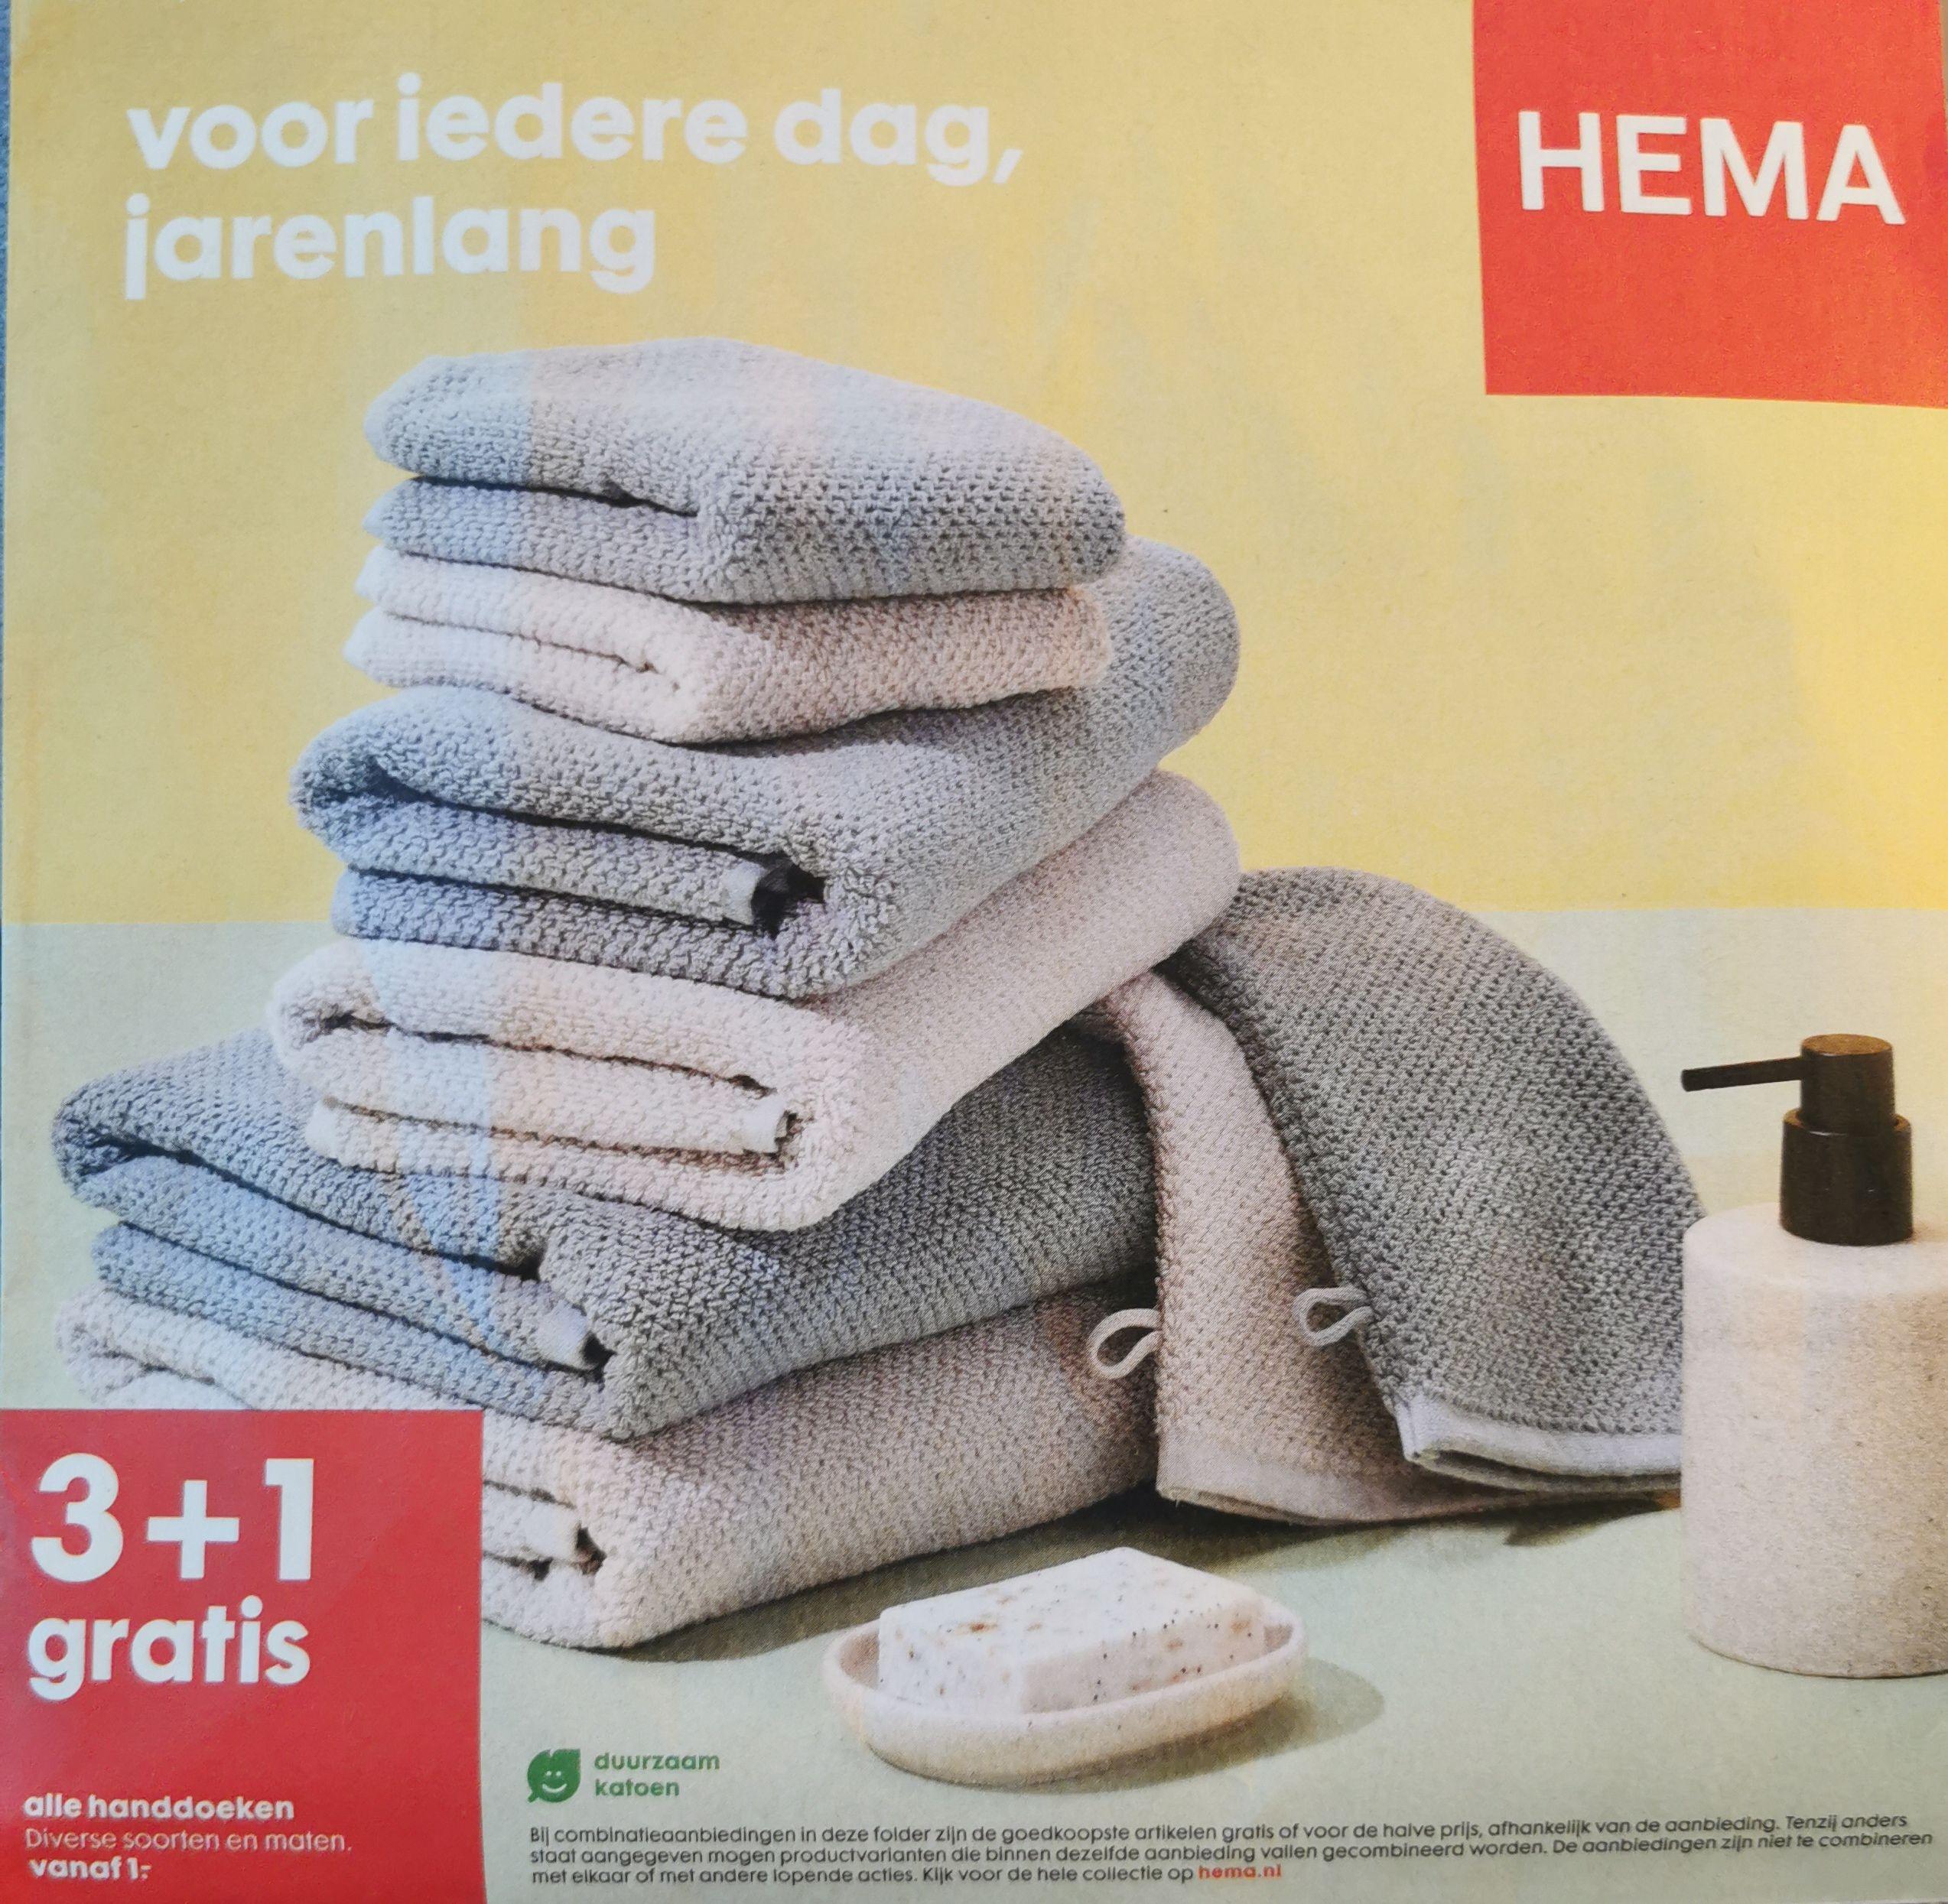 HEMA Handdoeken 3 + 1 gratis